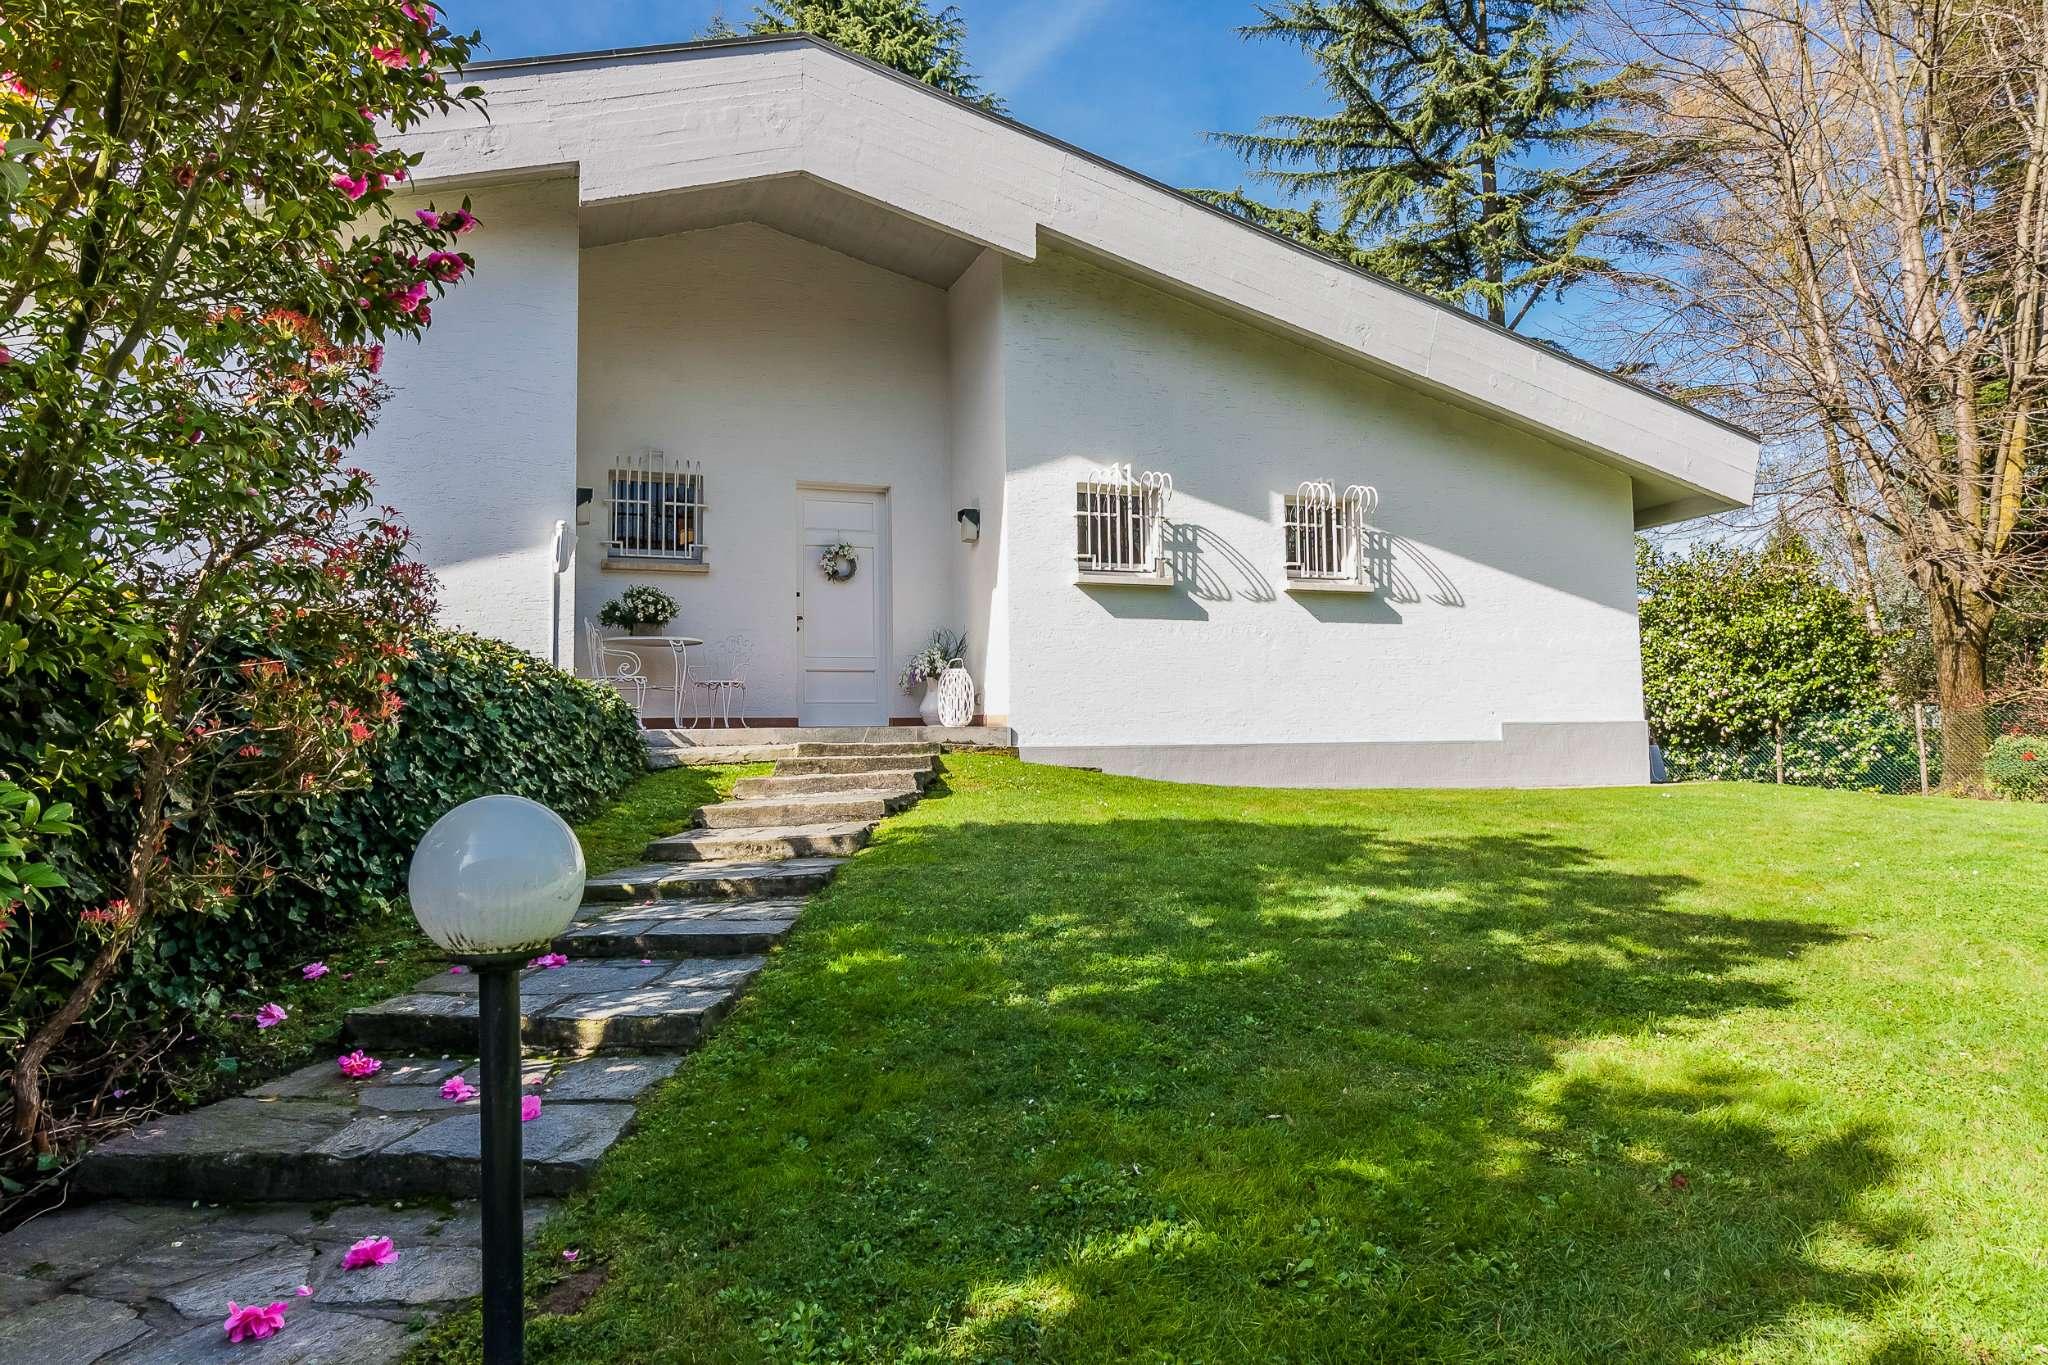 Villa in vendita a Carimate, 8 locali, prezzo € 595.000 | PortaleAgenzieImmobiliari.it